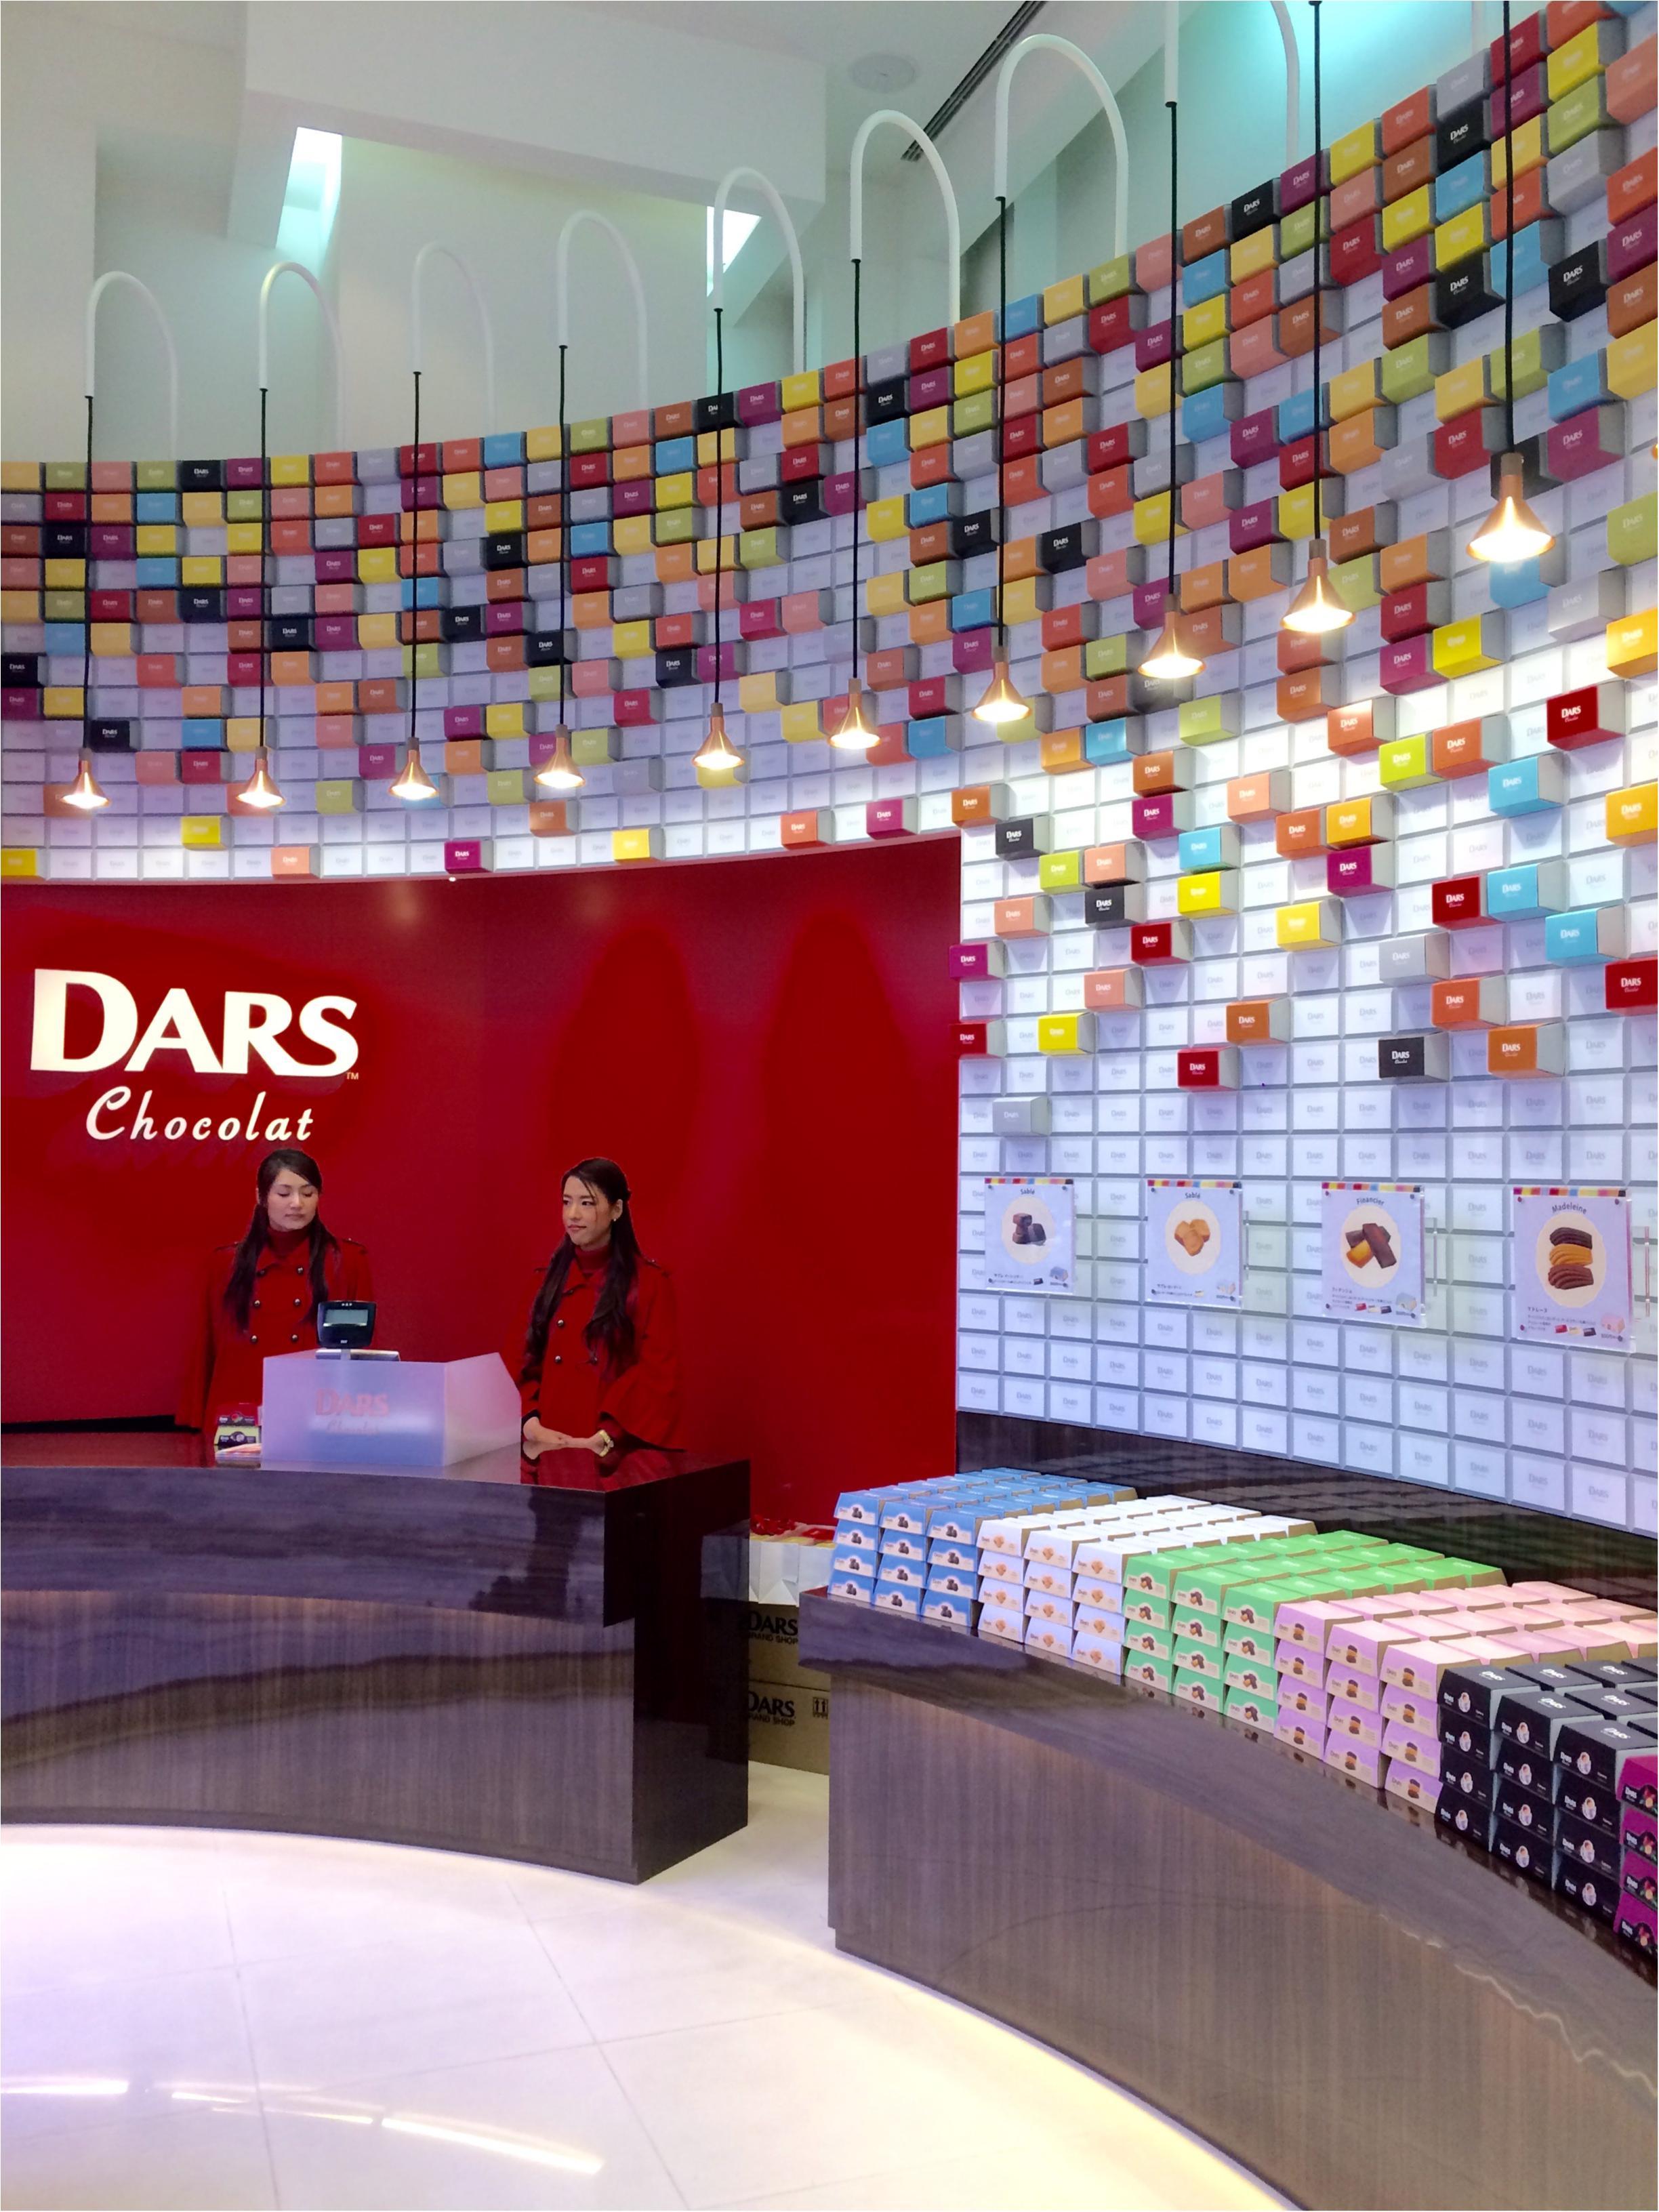 スペシャルな「DARS」が勢ぞろい♡ 期間限定のショコラブティックに行くべし!_1